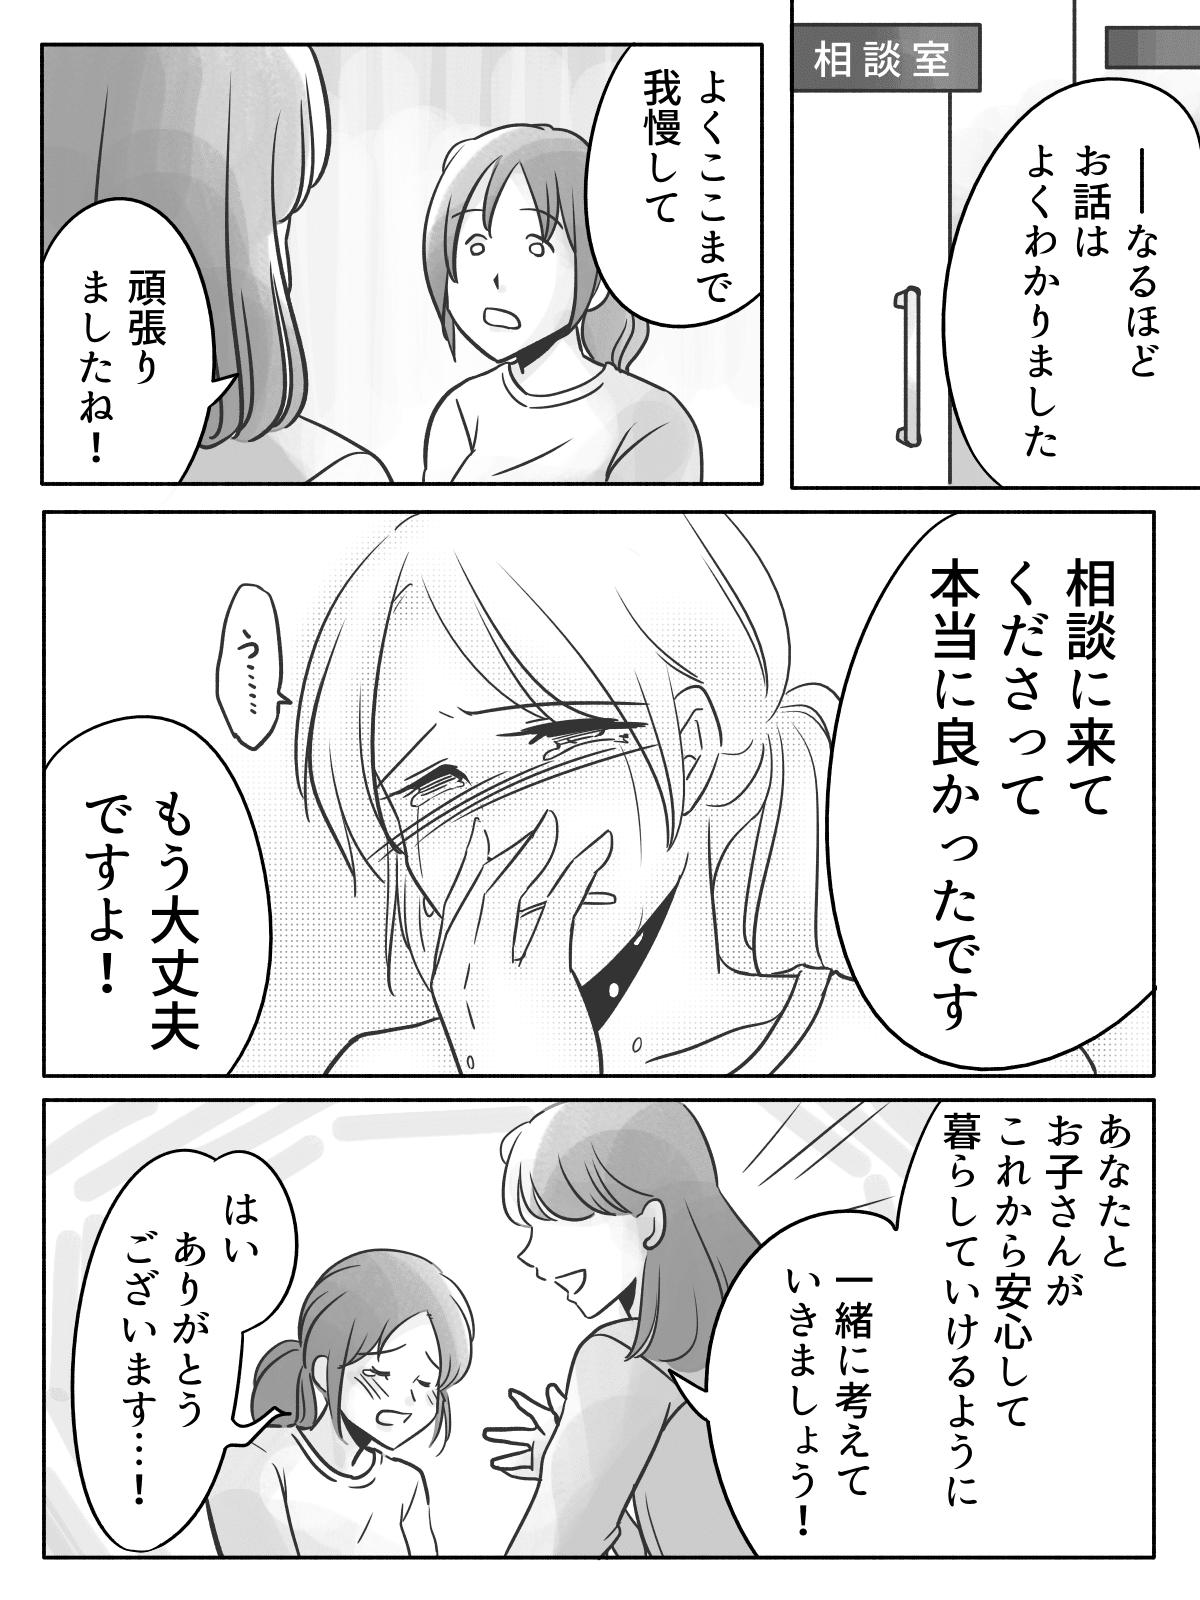 経済的DV後01